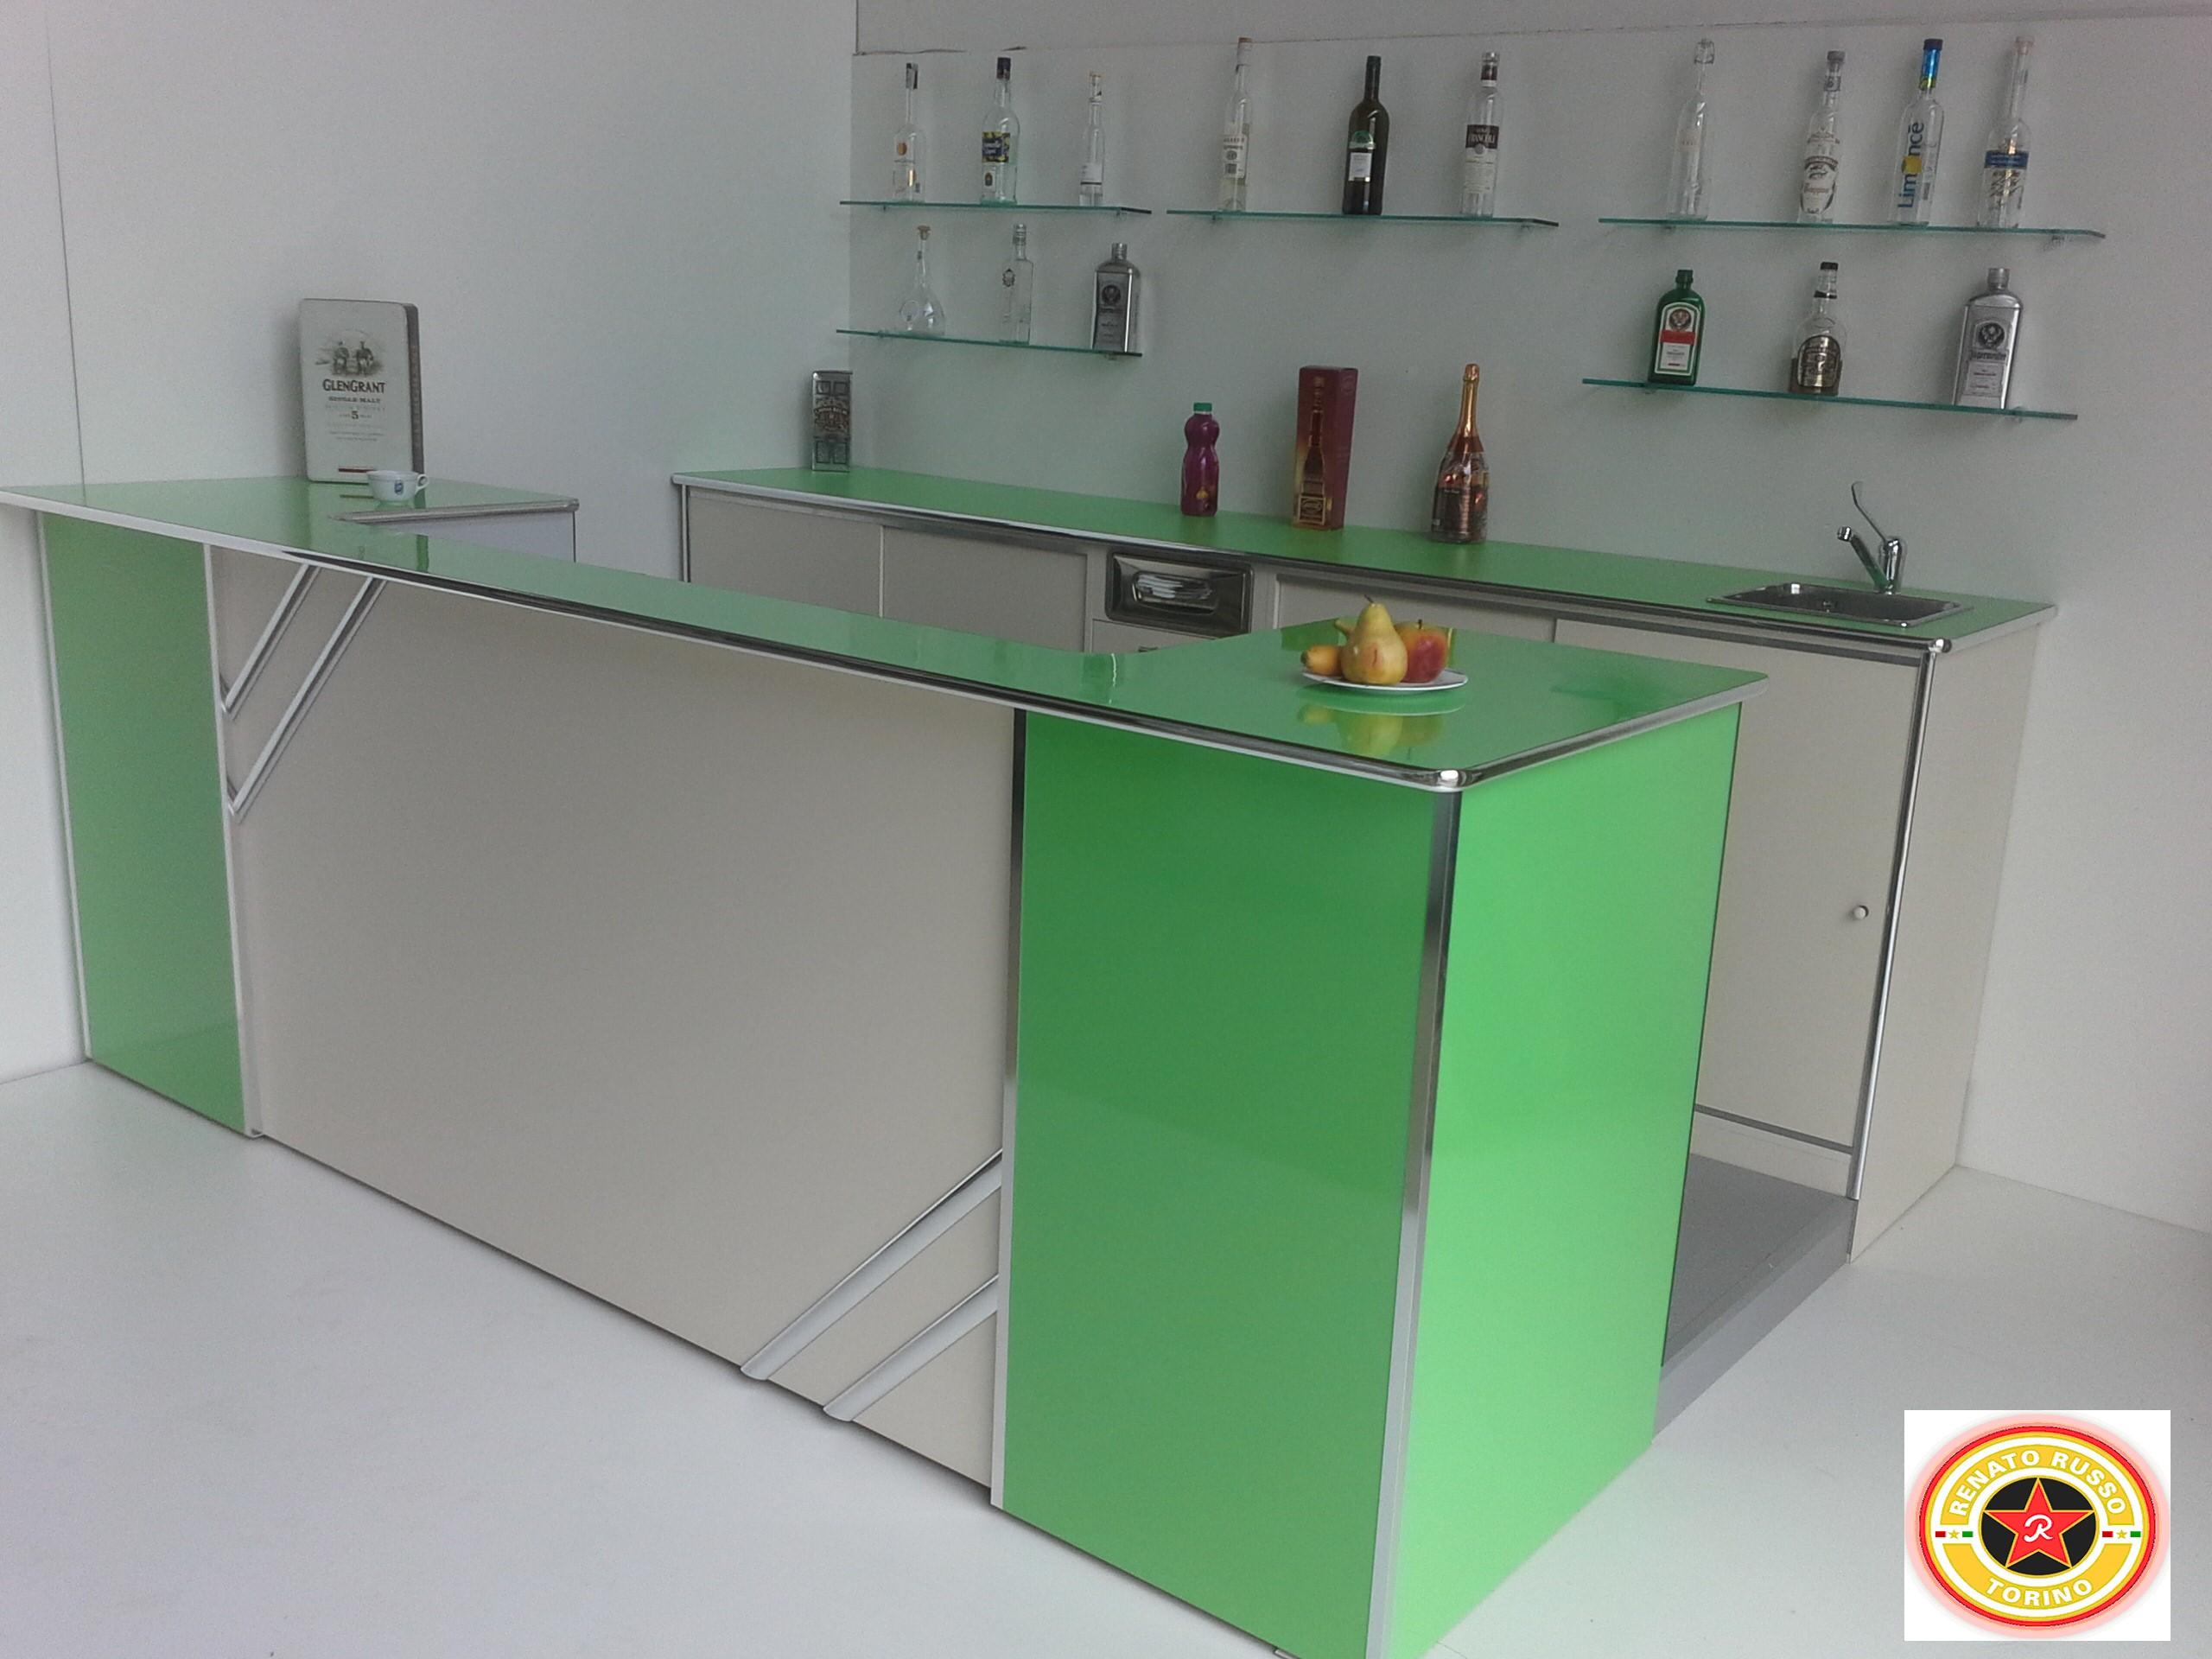 Beautiful Tavoli Da Bar Usati Photos - ubiquitousforeigner.us ...